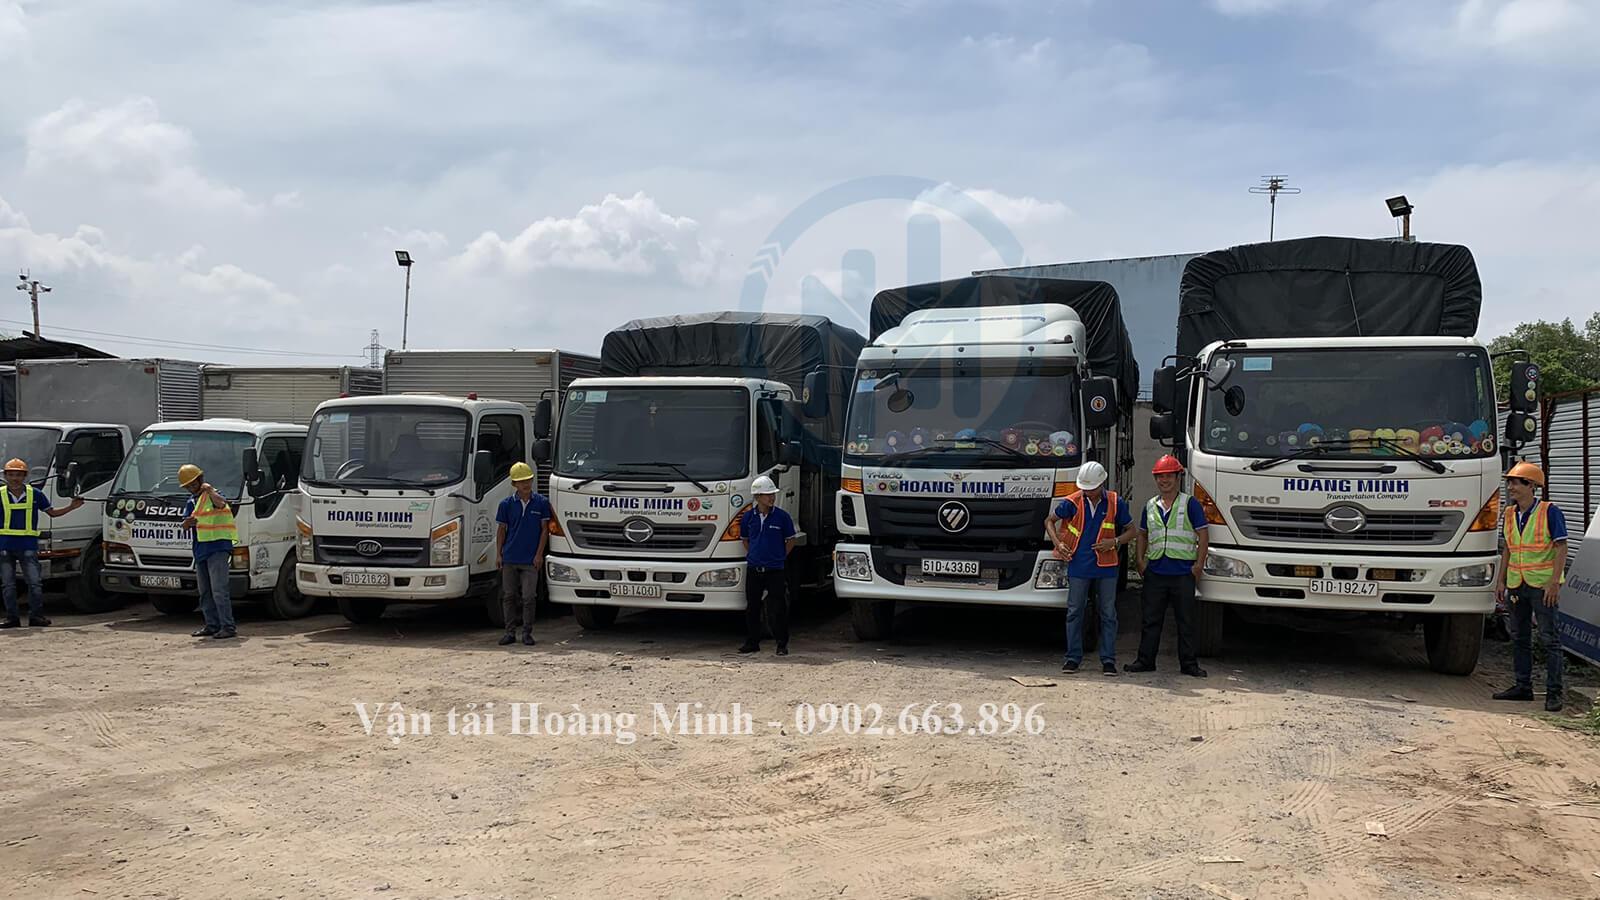 Dịch vụ cho thuê xe tải chở hàng Quận 6 của Vận tải Hoàng Minh